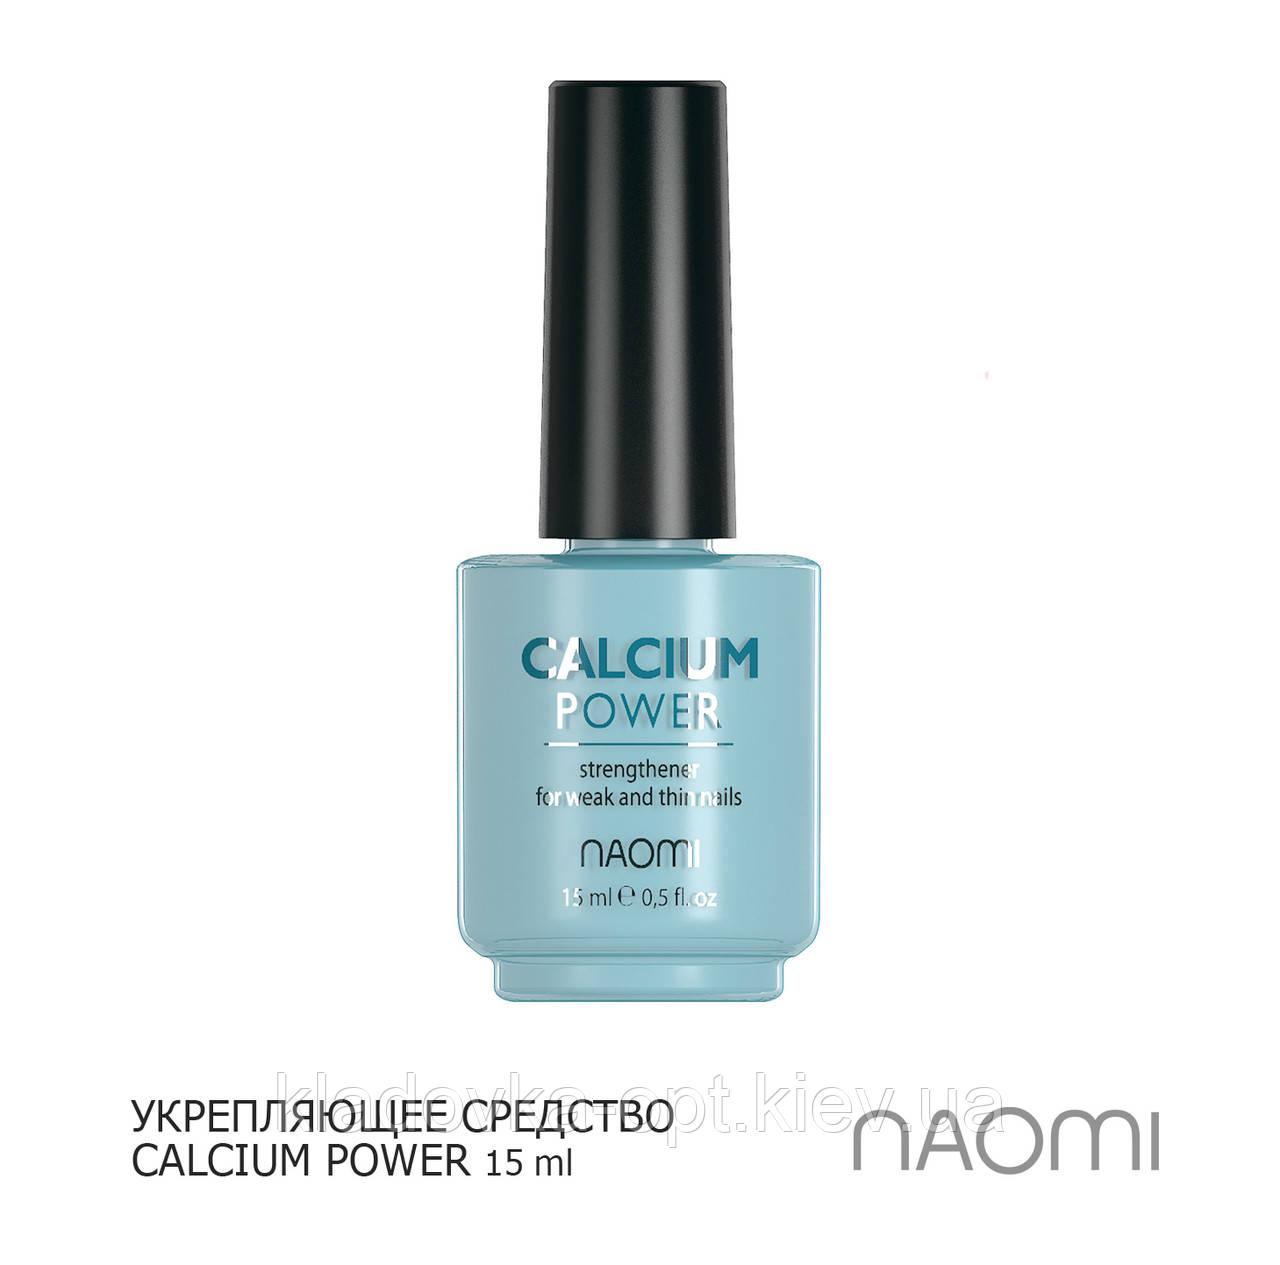 Naomi Calcium Power - укрепляющее покрытие с кальцием, 15 мл